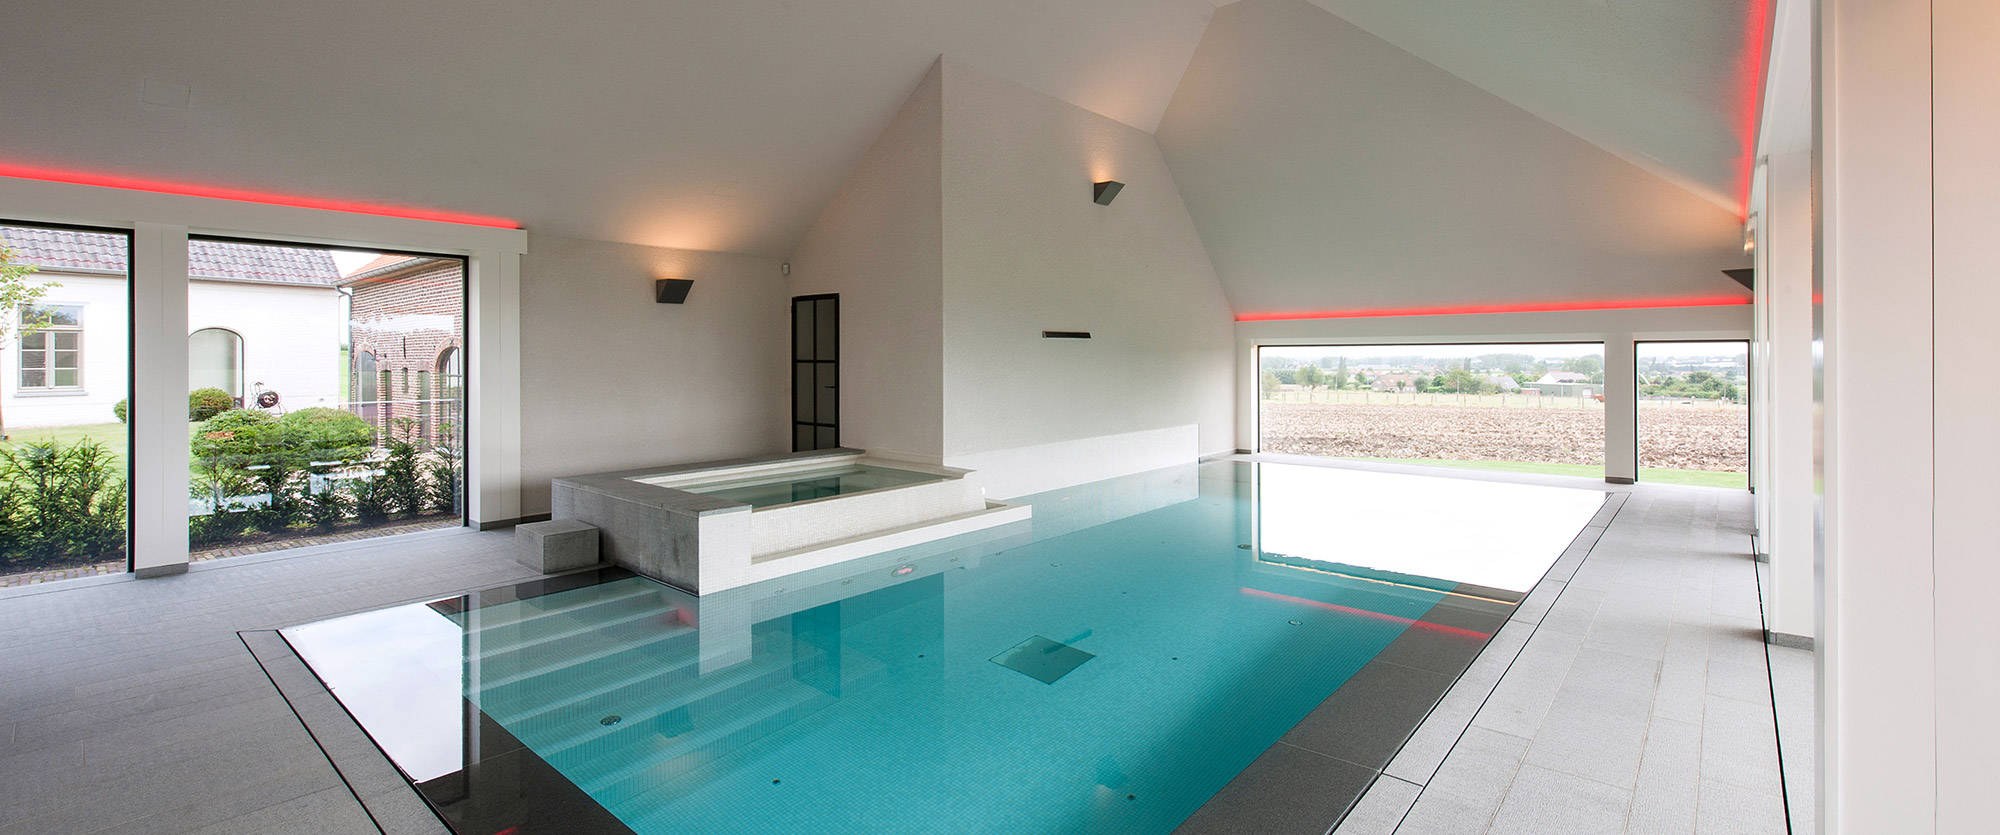 Schwimmbad und whirlpool mit terrassenblick for Zen terras layouts